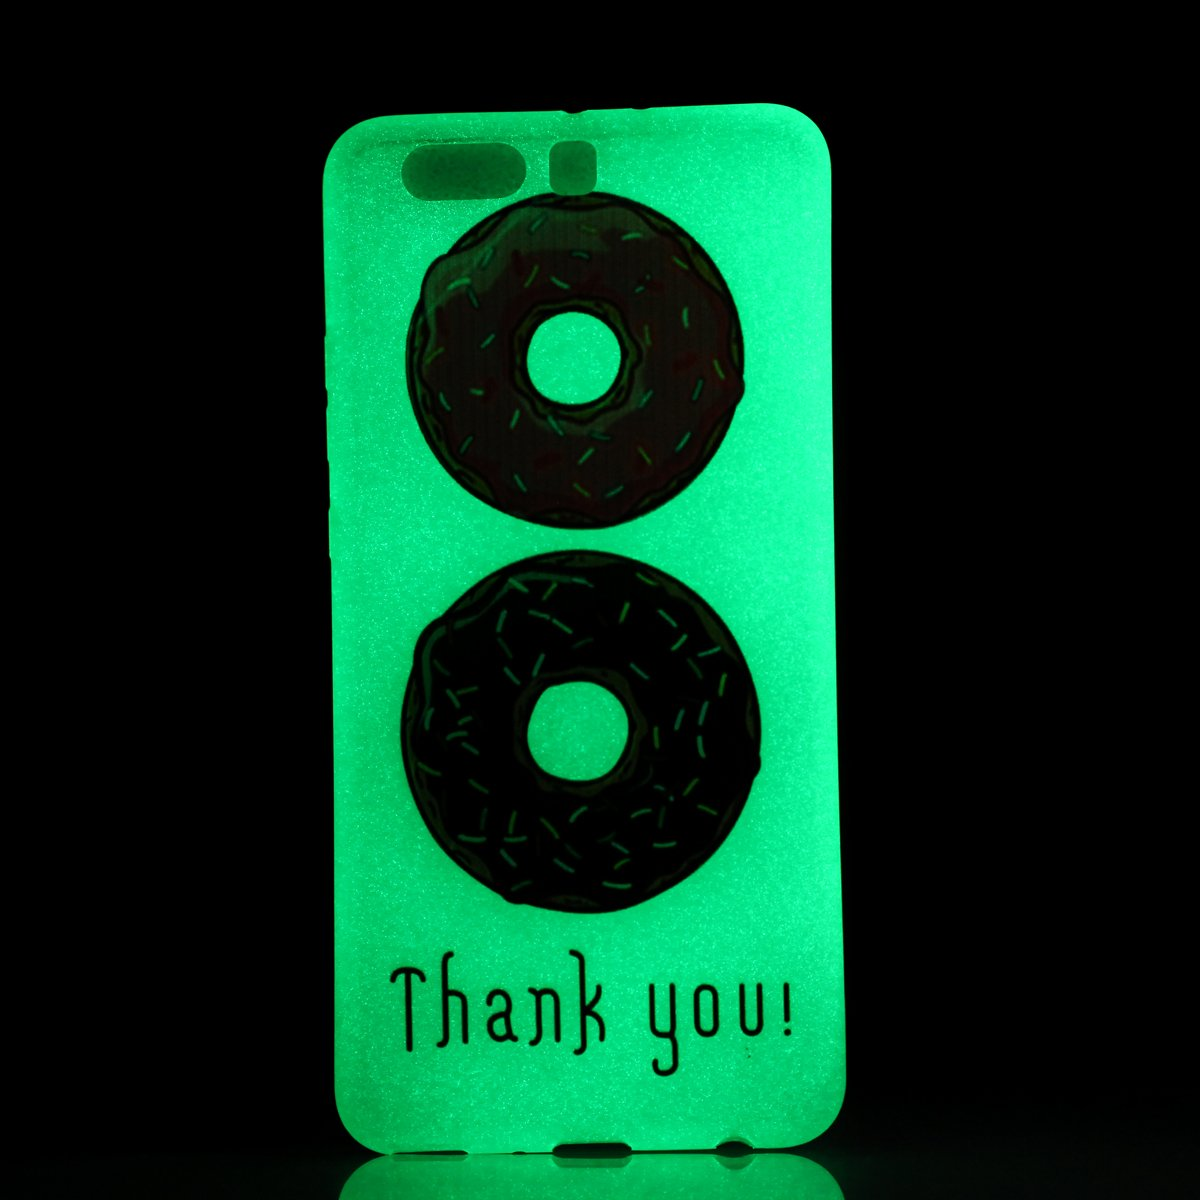 """Hülle Leuchtende Huawei P10 Plus(5.5"""") Silikon Etui Handy Hülle Weiche Transparente Luminous TPU Back Case Tasche Schale Leuchten In Der Nacht Für Huawei P10 Plus(5.5"""") + Schlüsselanhänger (P) (1) Lohpe"""